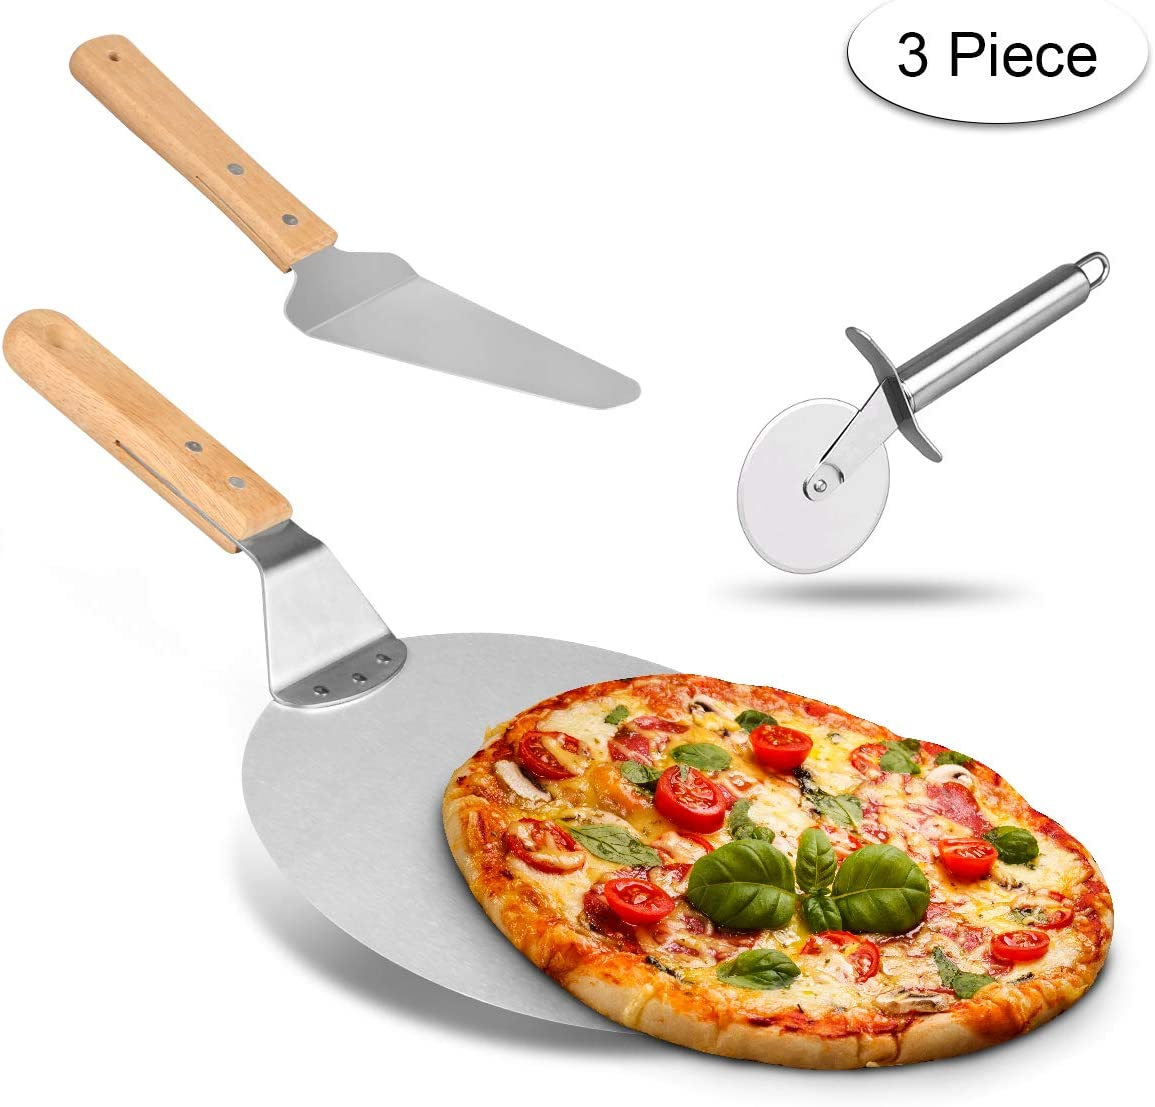 Weeygo - Pala de Acero Inoxidable con Mango de Madera para Hornear Pizza y Tartas en Horno y Parrilla, Cortador, 3 Piezas, Color Plateado